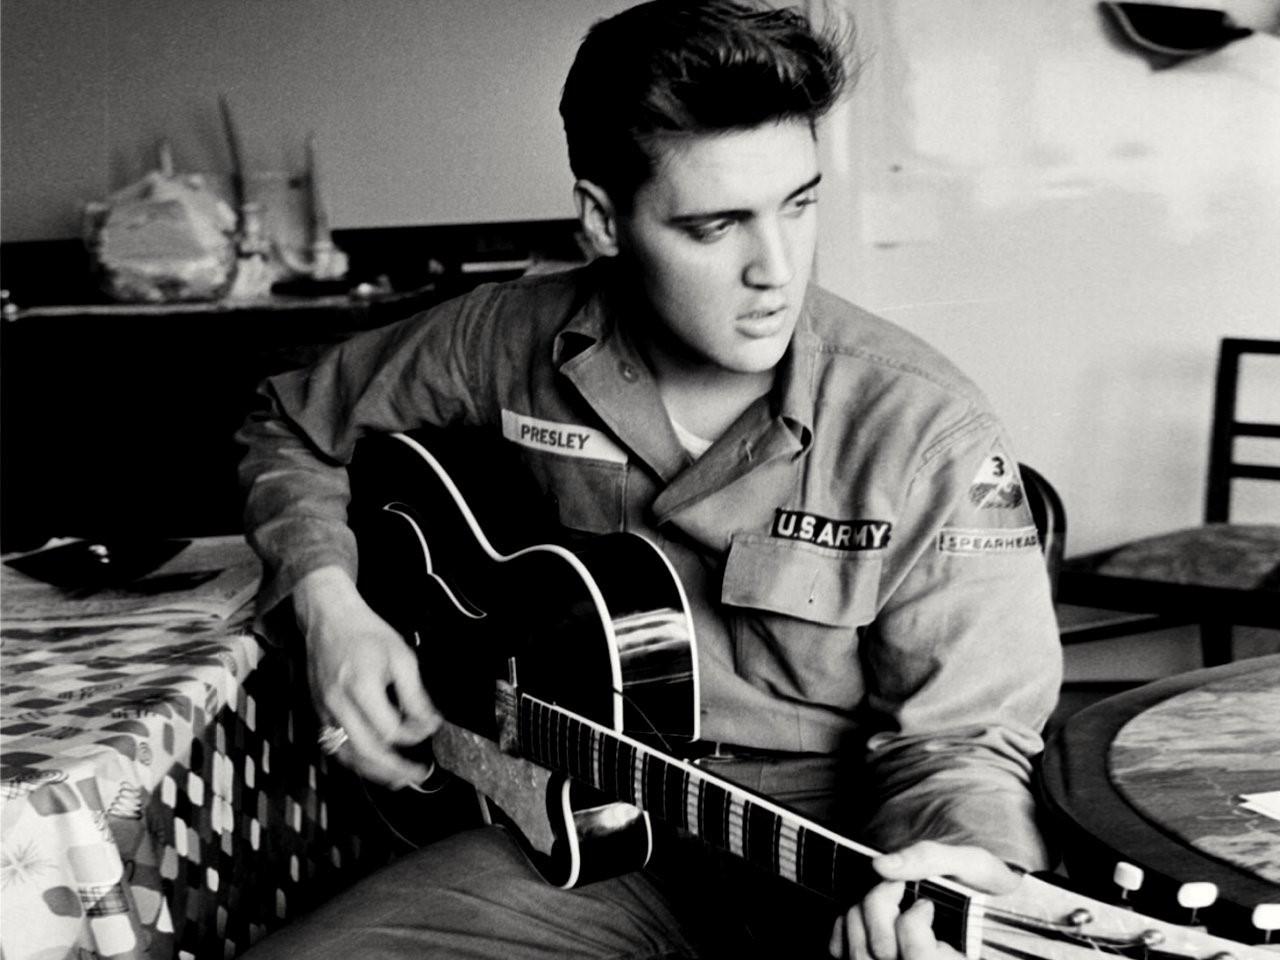 Der König des Rock 'n' klimpert auf der Gitarre und singt. Bild: U.S. National Archive